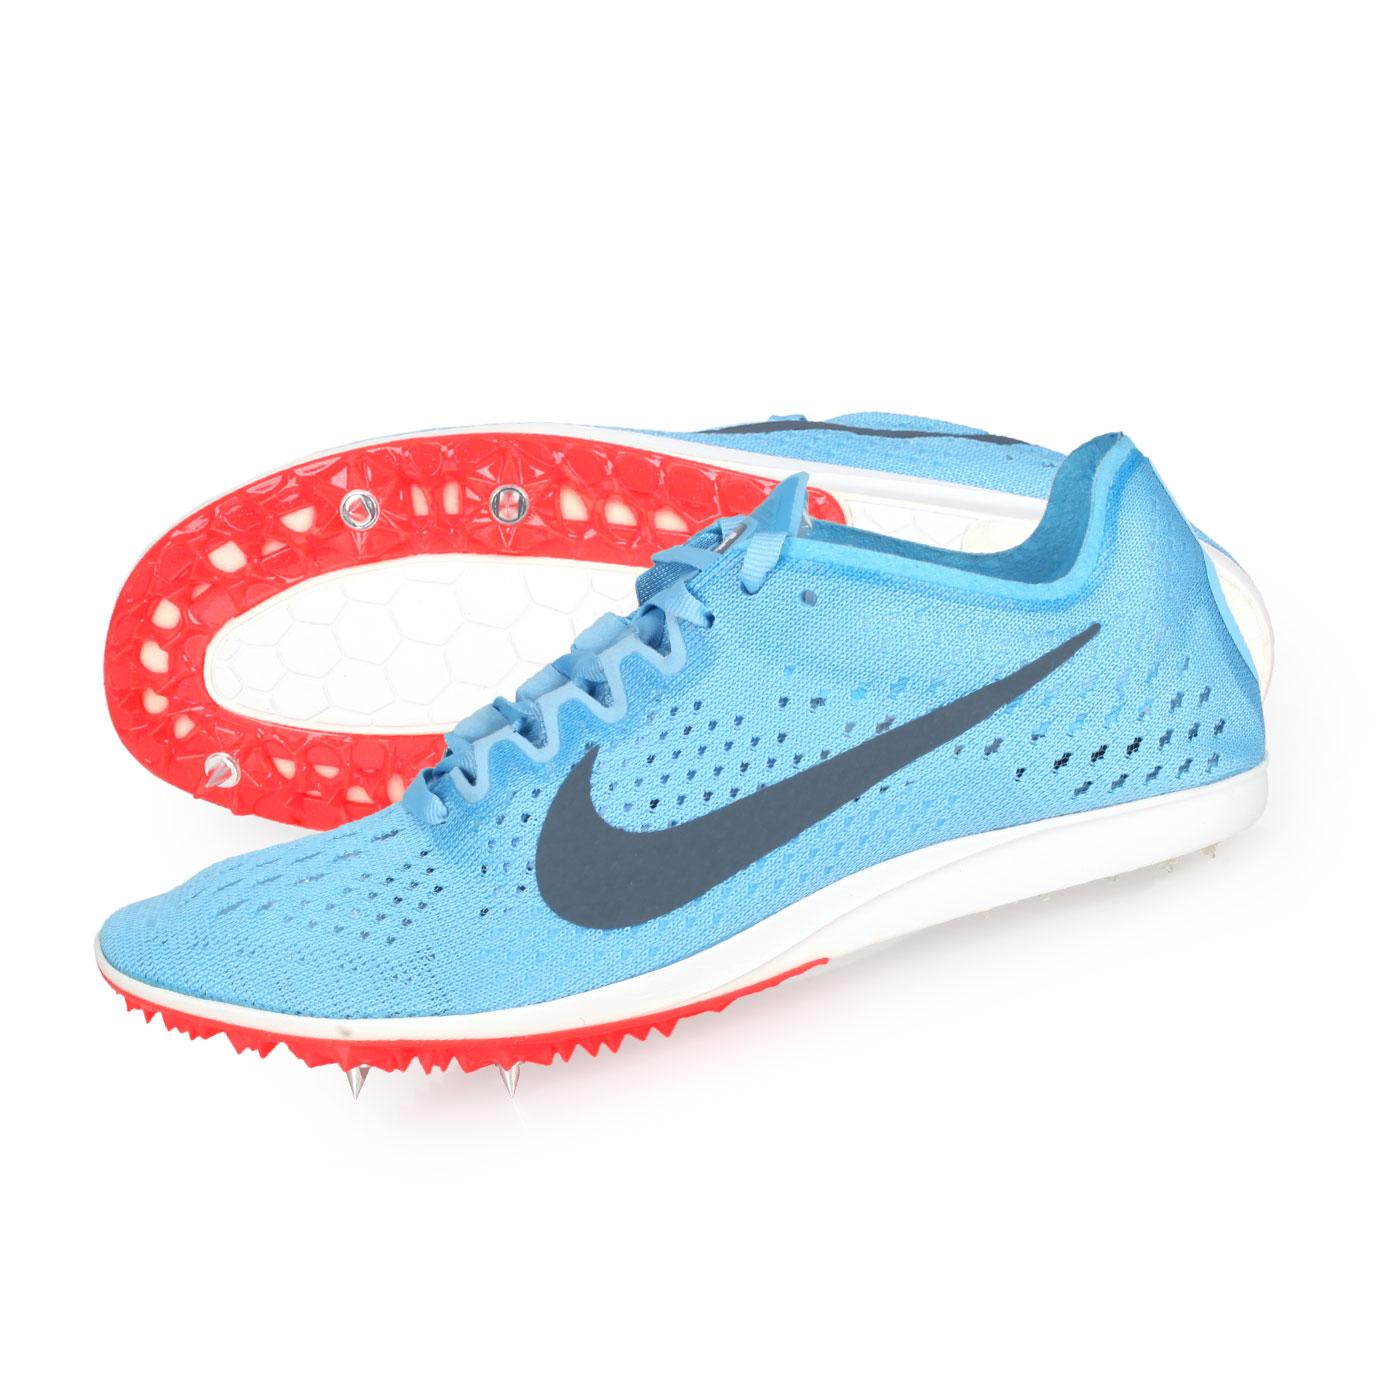 NIKE 田徑釘鞋(長距離)  @ZOOM MATUMBO 3@835995446